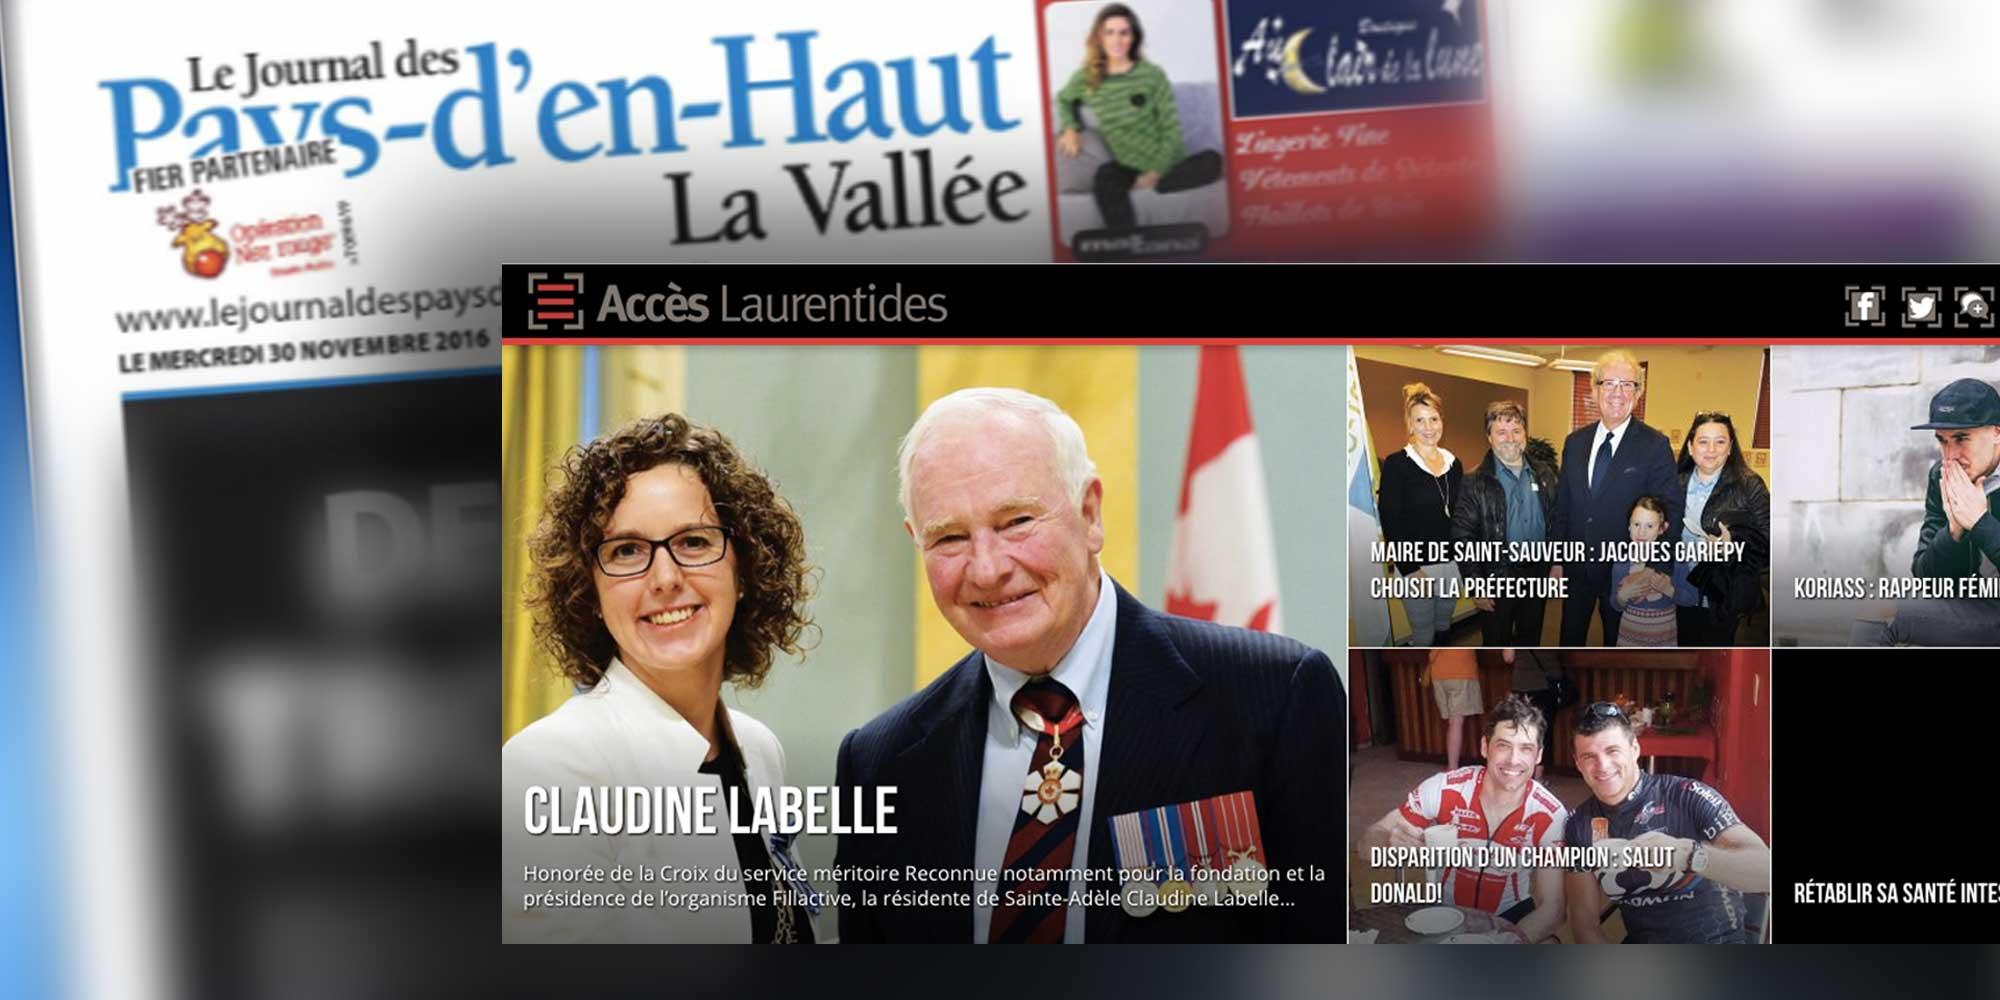 Accès a annoncé être devenu propriétaire du Journal des Pays-d'en-Haut - La Vallée, le 30 novembre 2016.